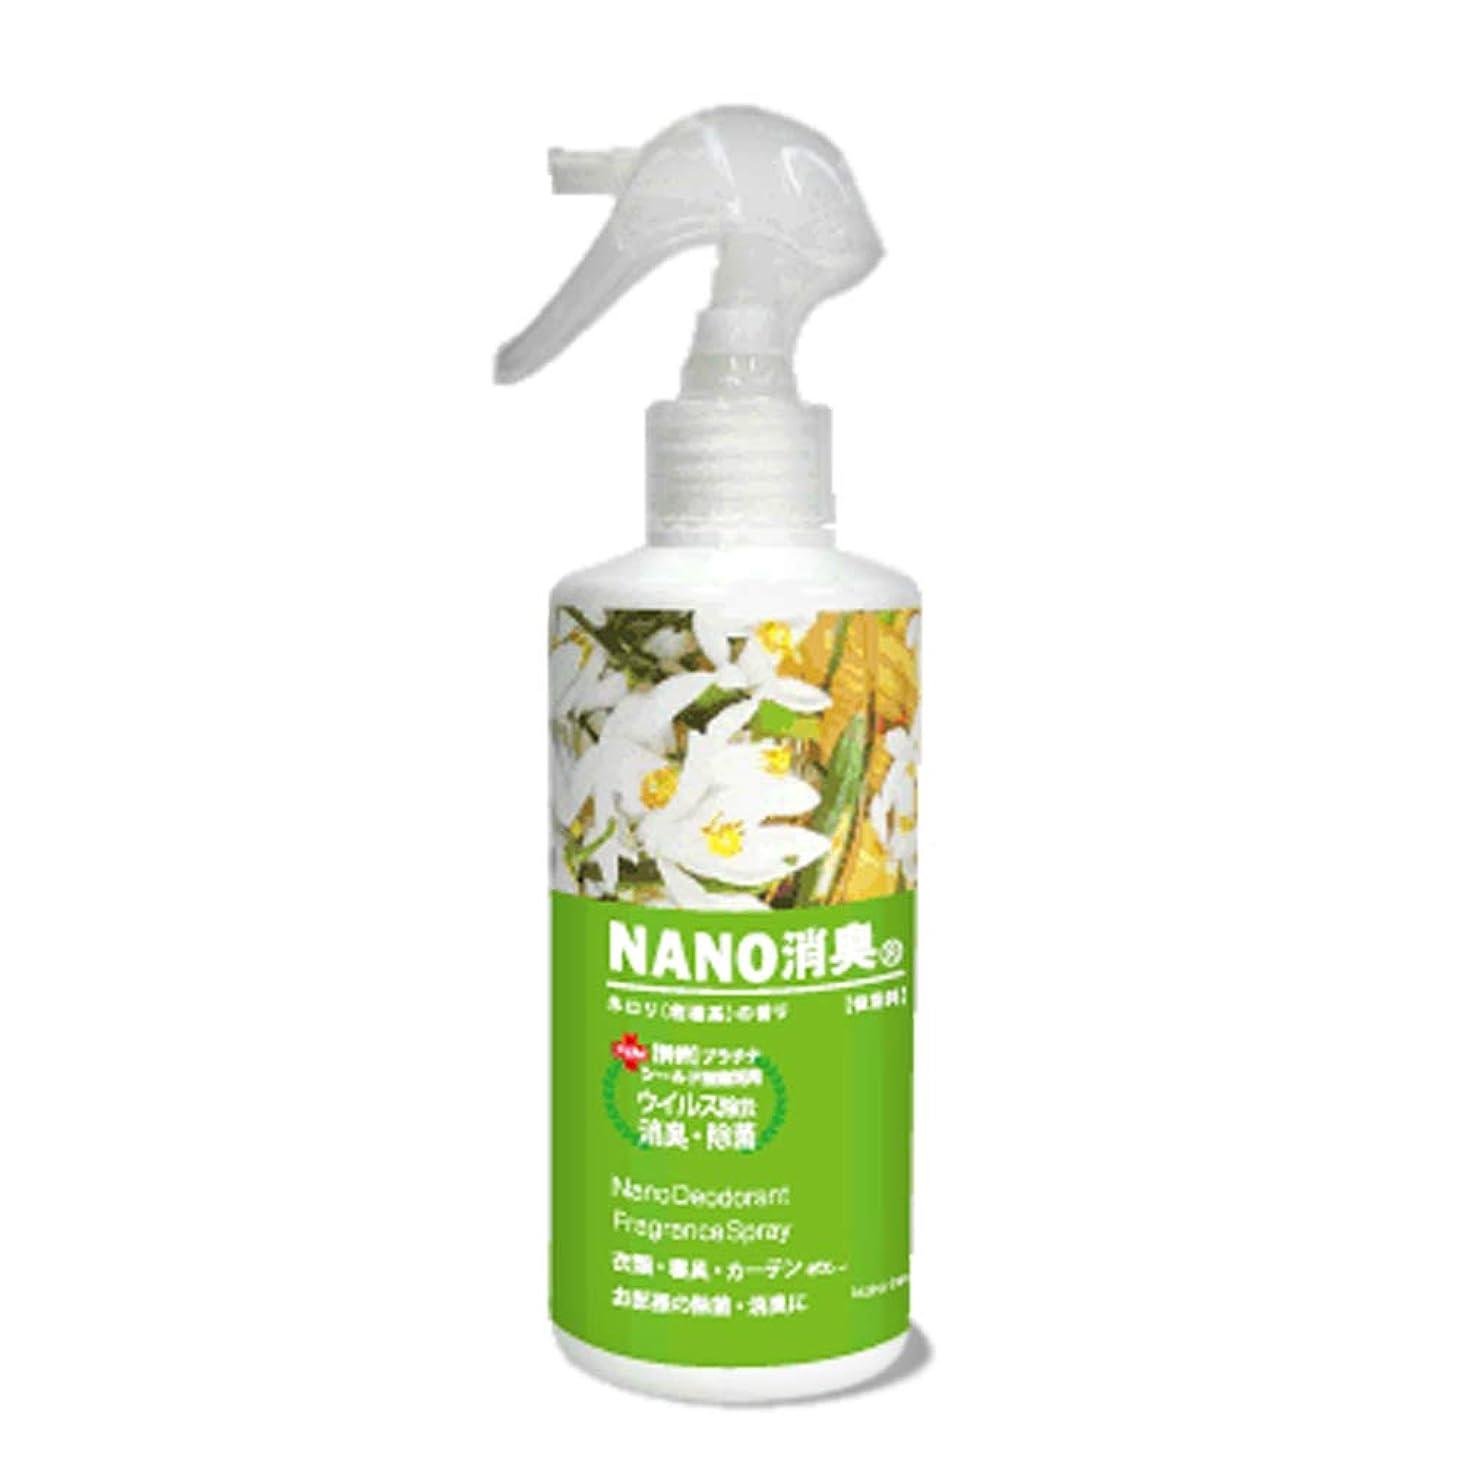 挑発するはずマングルNANO消臭 スプレー マスク スプレー トイレ 消臭剤 芳香剤 (ネロリ)